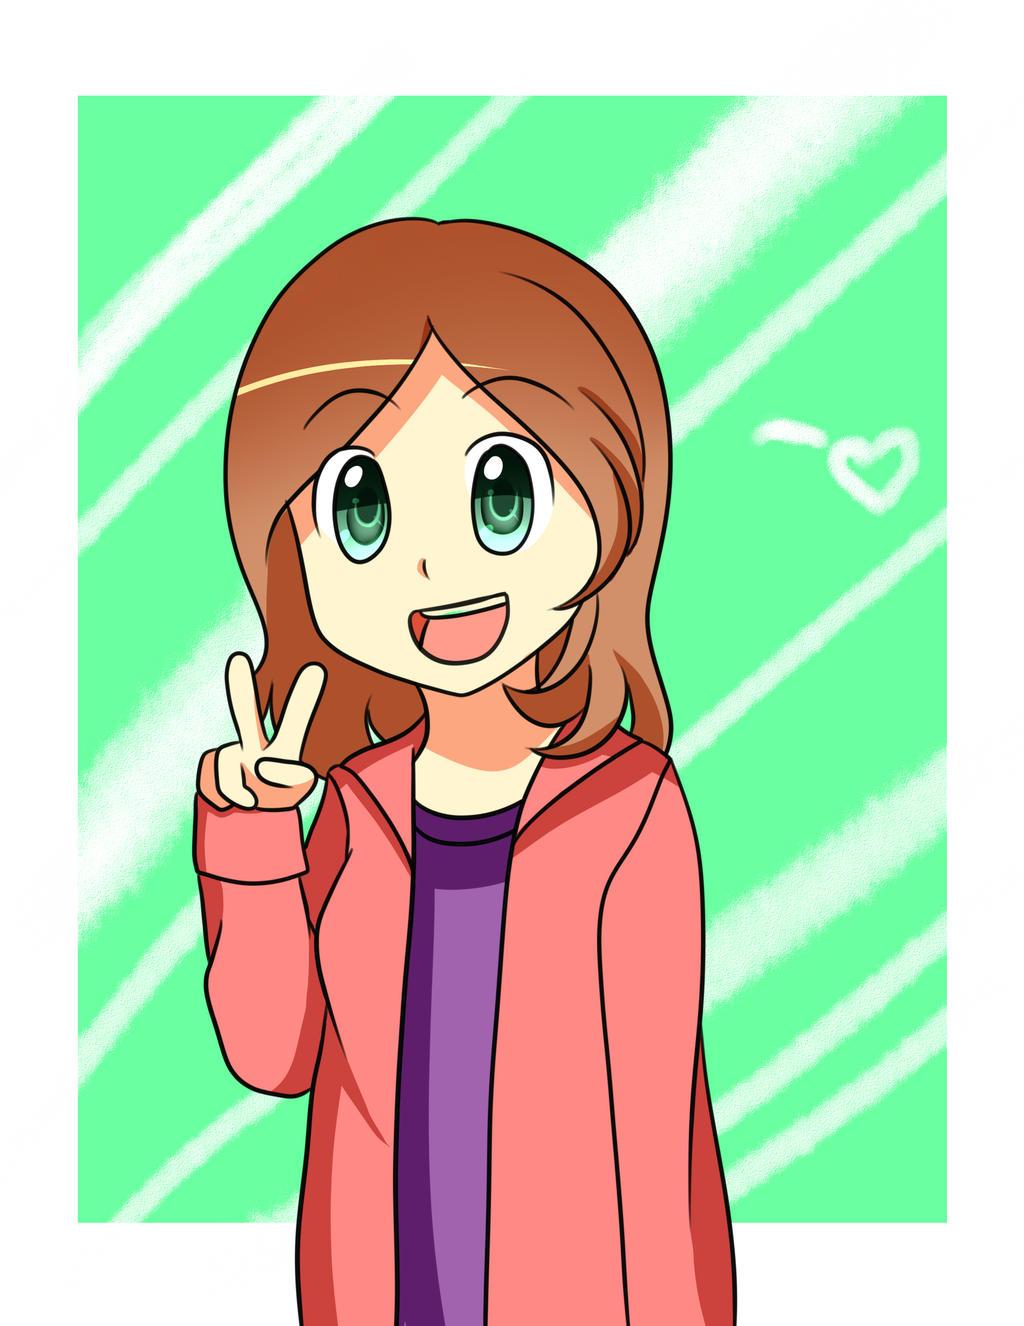 Caroline-chan5's Profile Picture